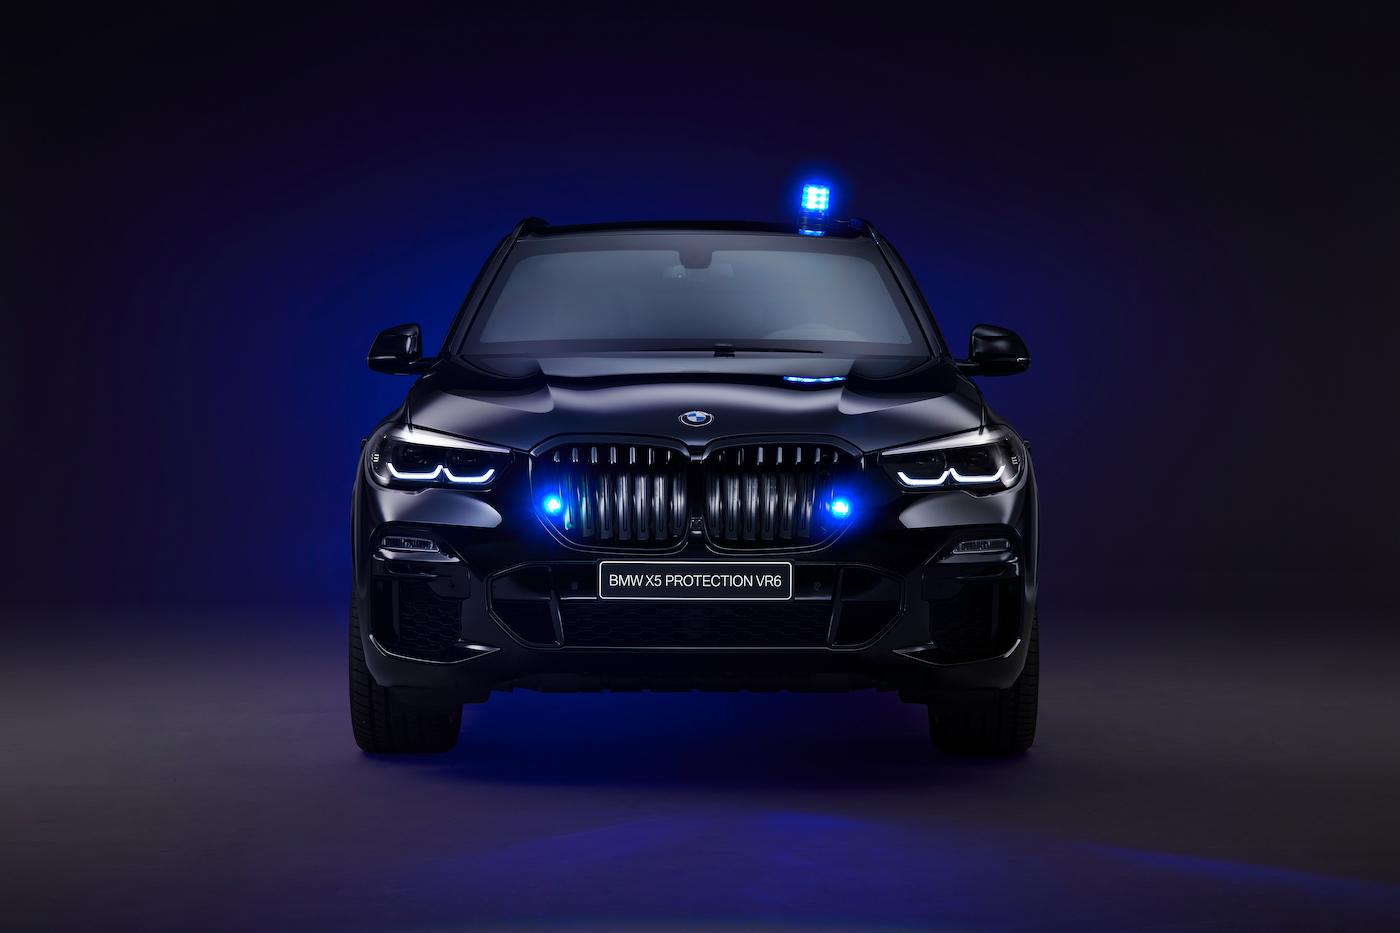 Schutz ohne Kompromisse: Der neue Panzer-BMW X5 Protection VR6 6